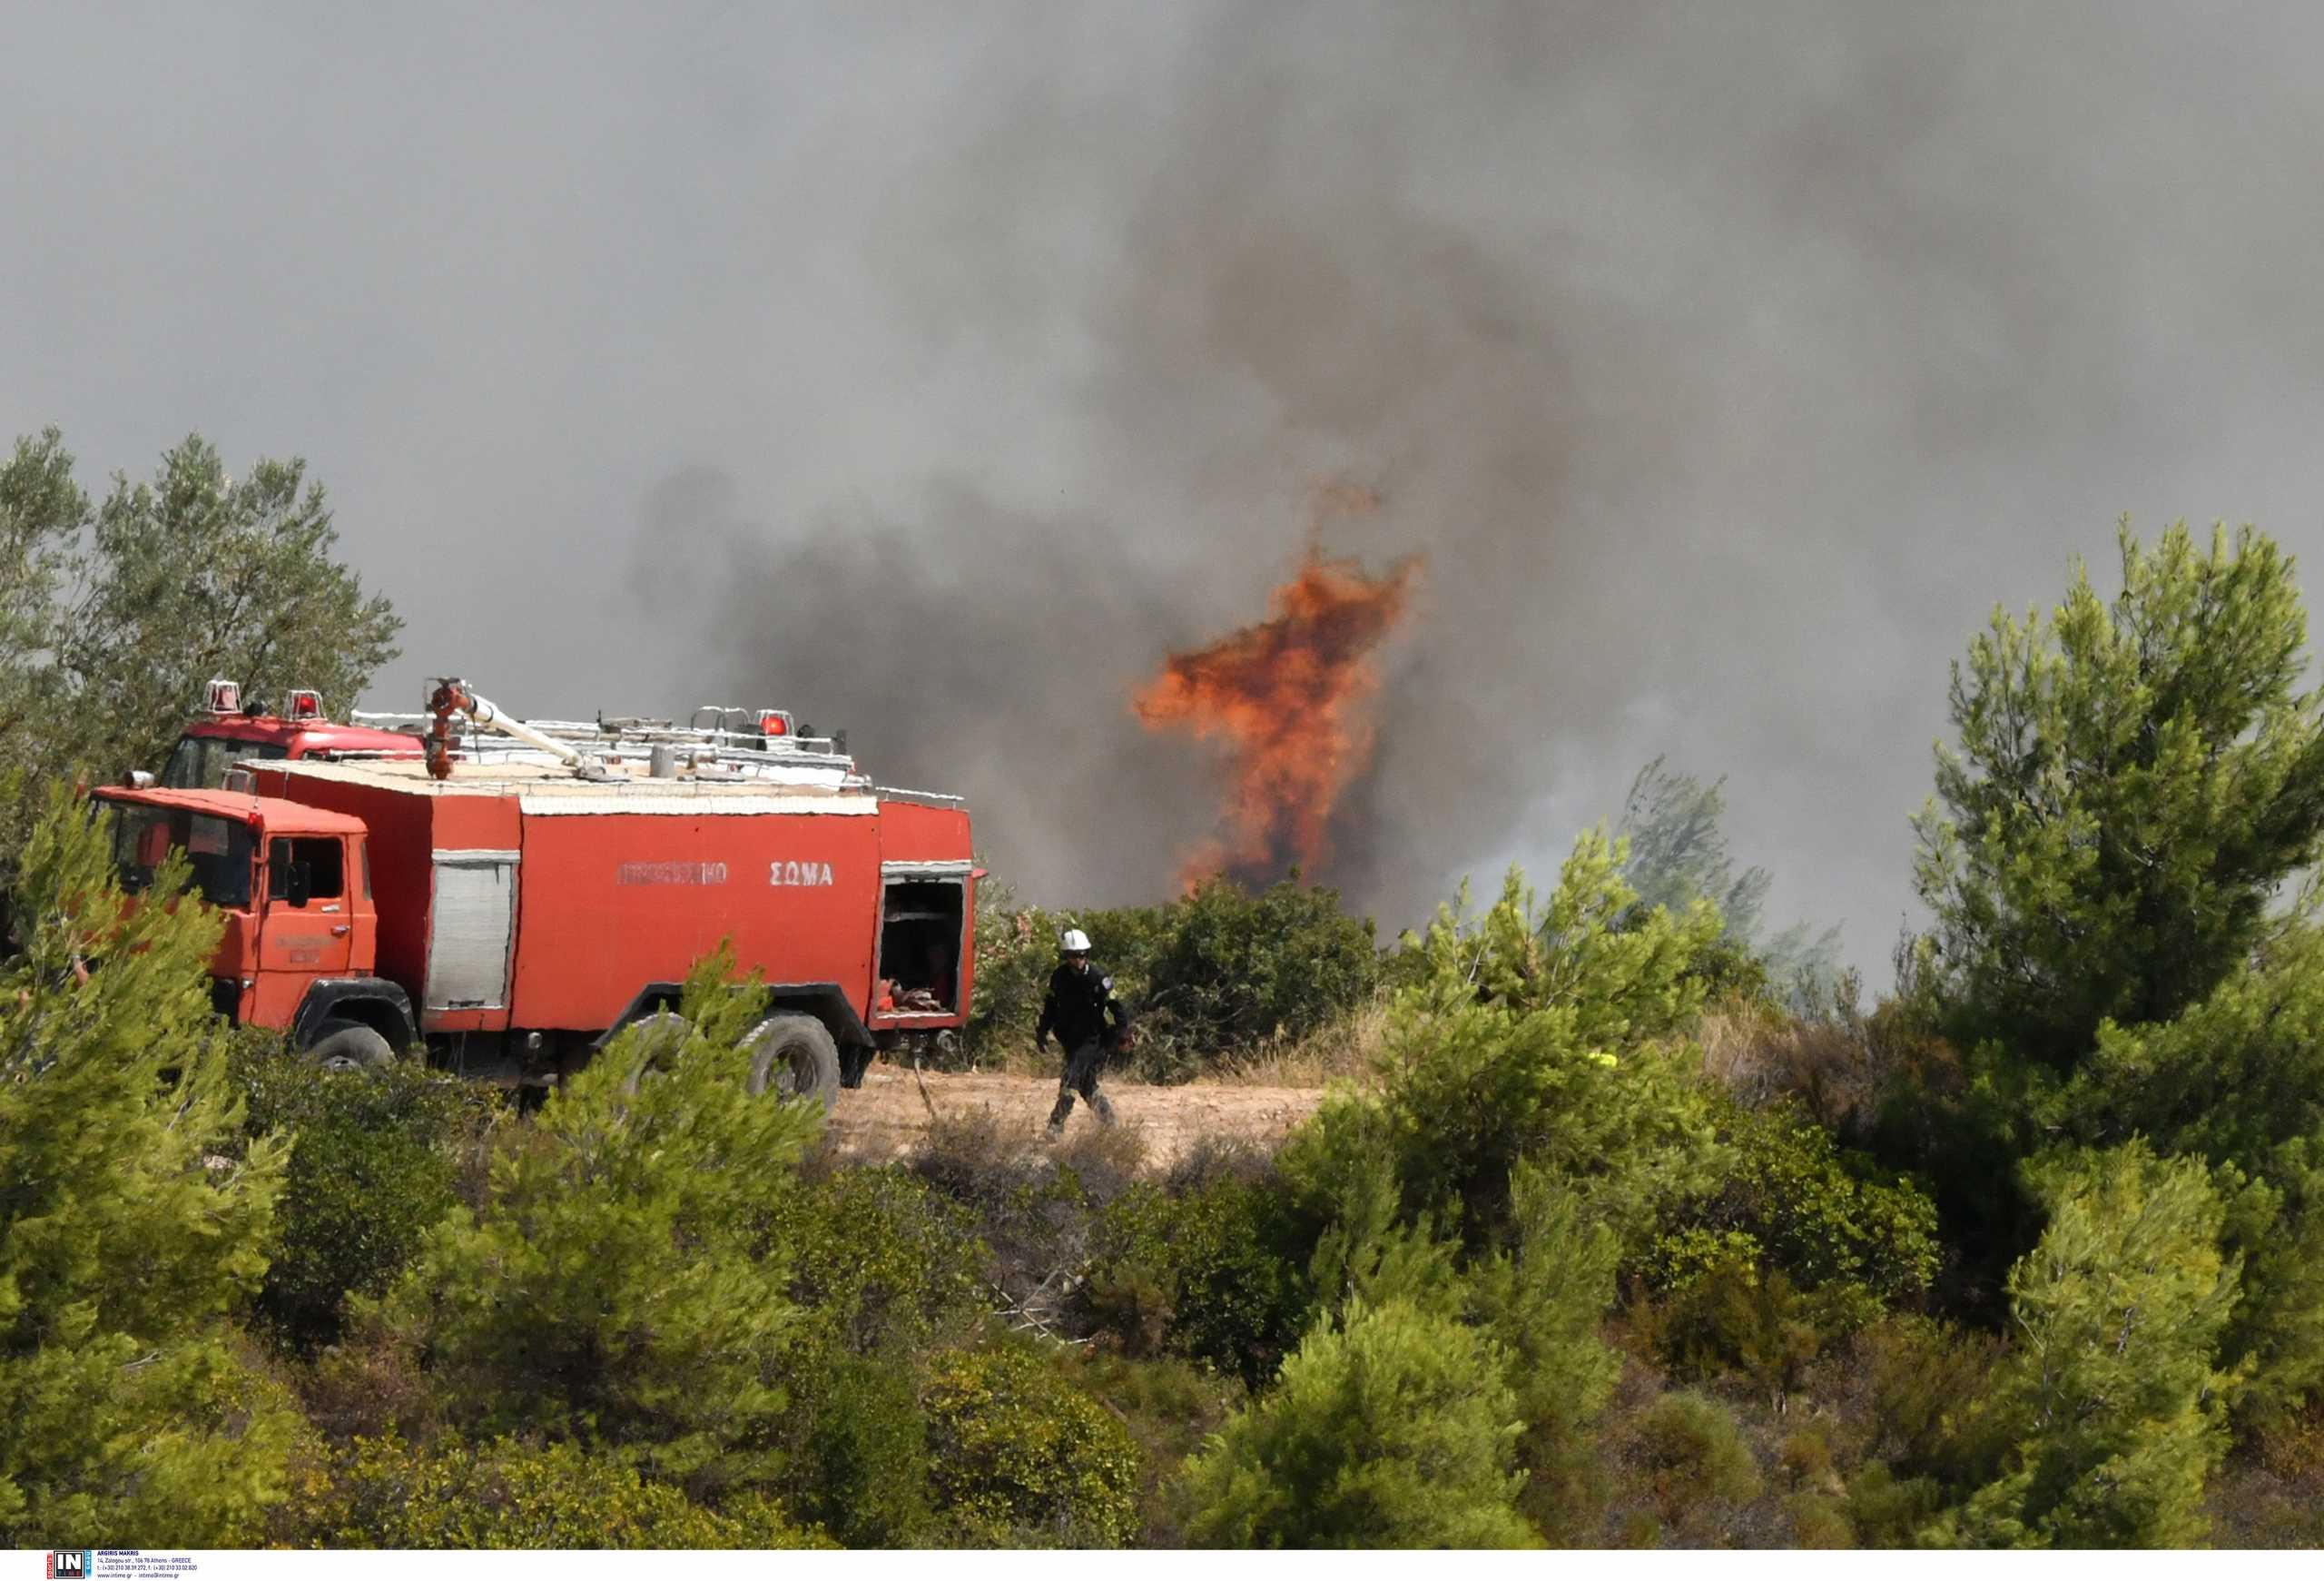 Ανεξέλεγκτη η φωτιά στην Κω – Εντολή να φύγουν οι κάτοικοι από την περιοχή Τσουκαλαριά